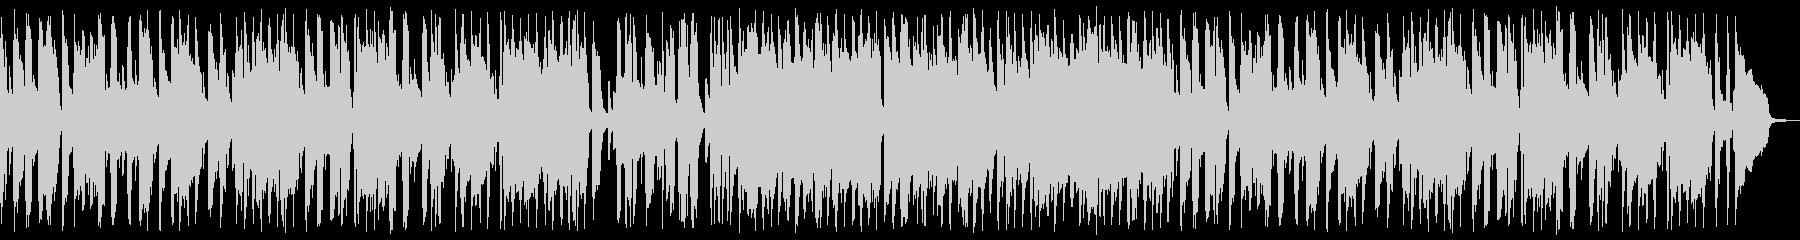 ジャズピアノ3拍子のブルースの未再生の波形